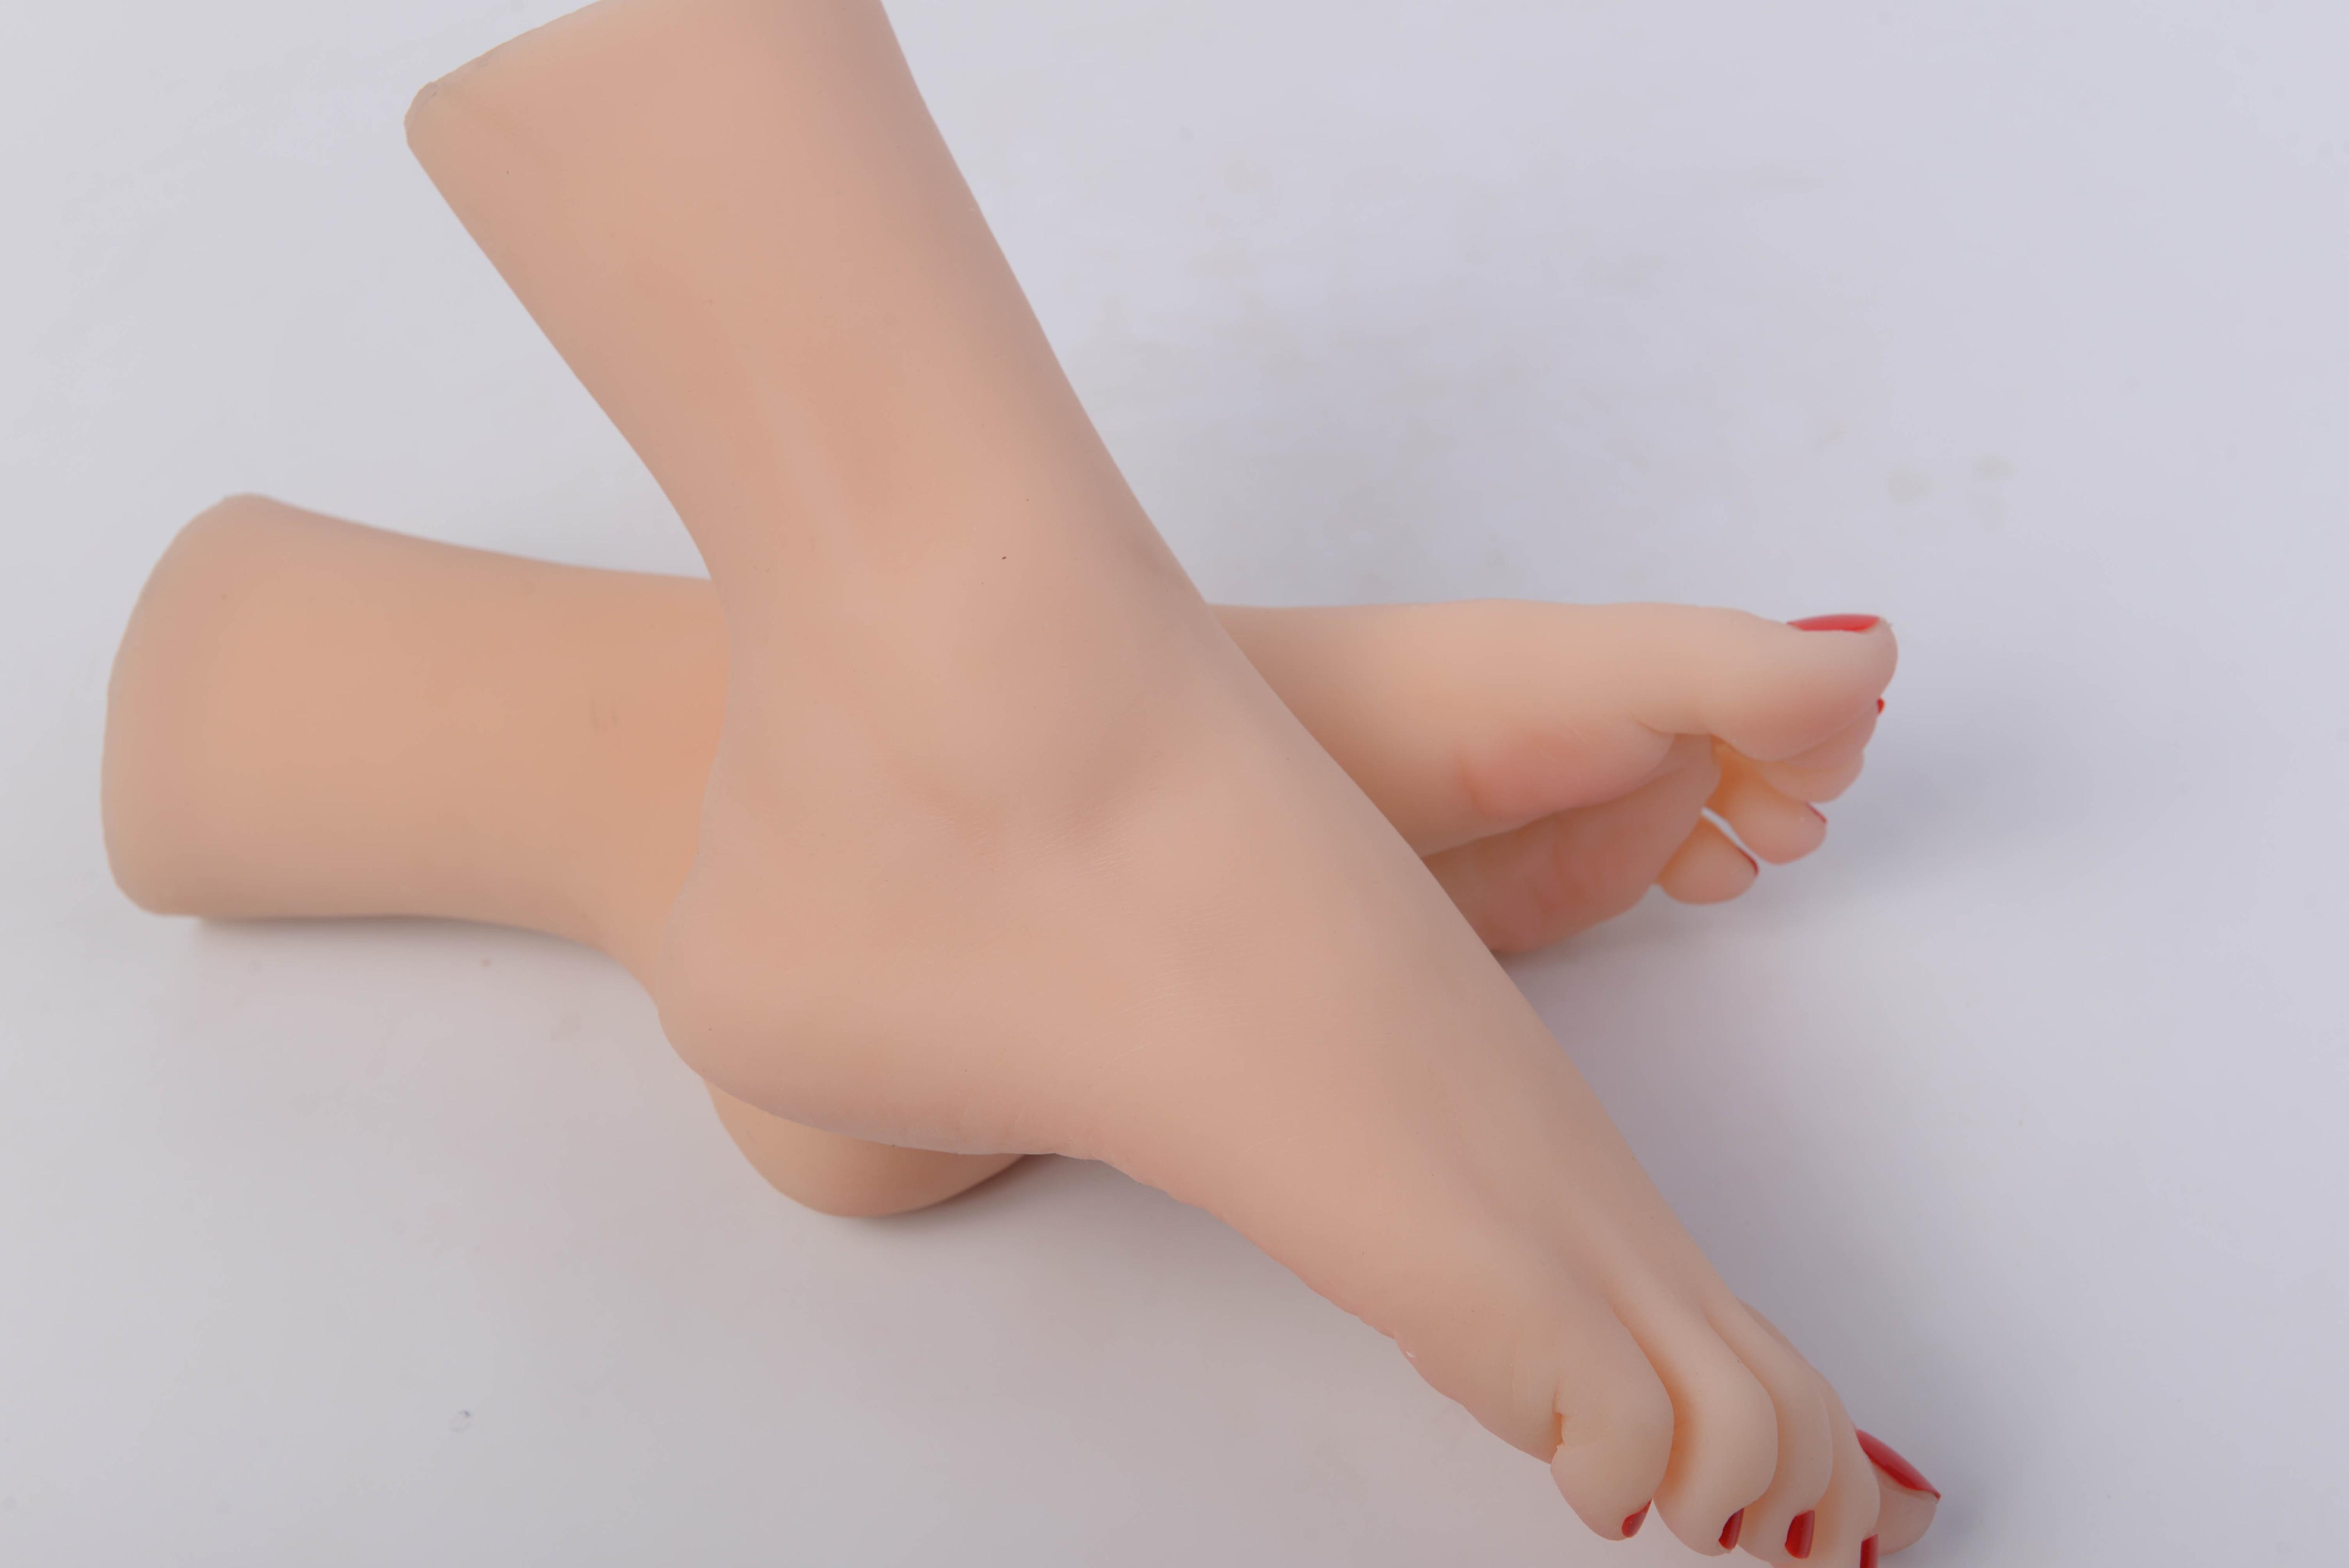 Nouvelle haute qualité Silicone poupée de sexe Silicone mannequins pied fétiche femmes, modèle réaliste de faux pieds de jeune fille